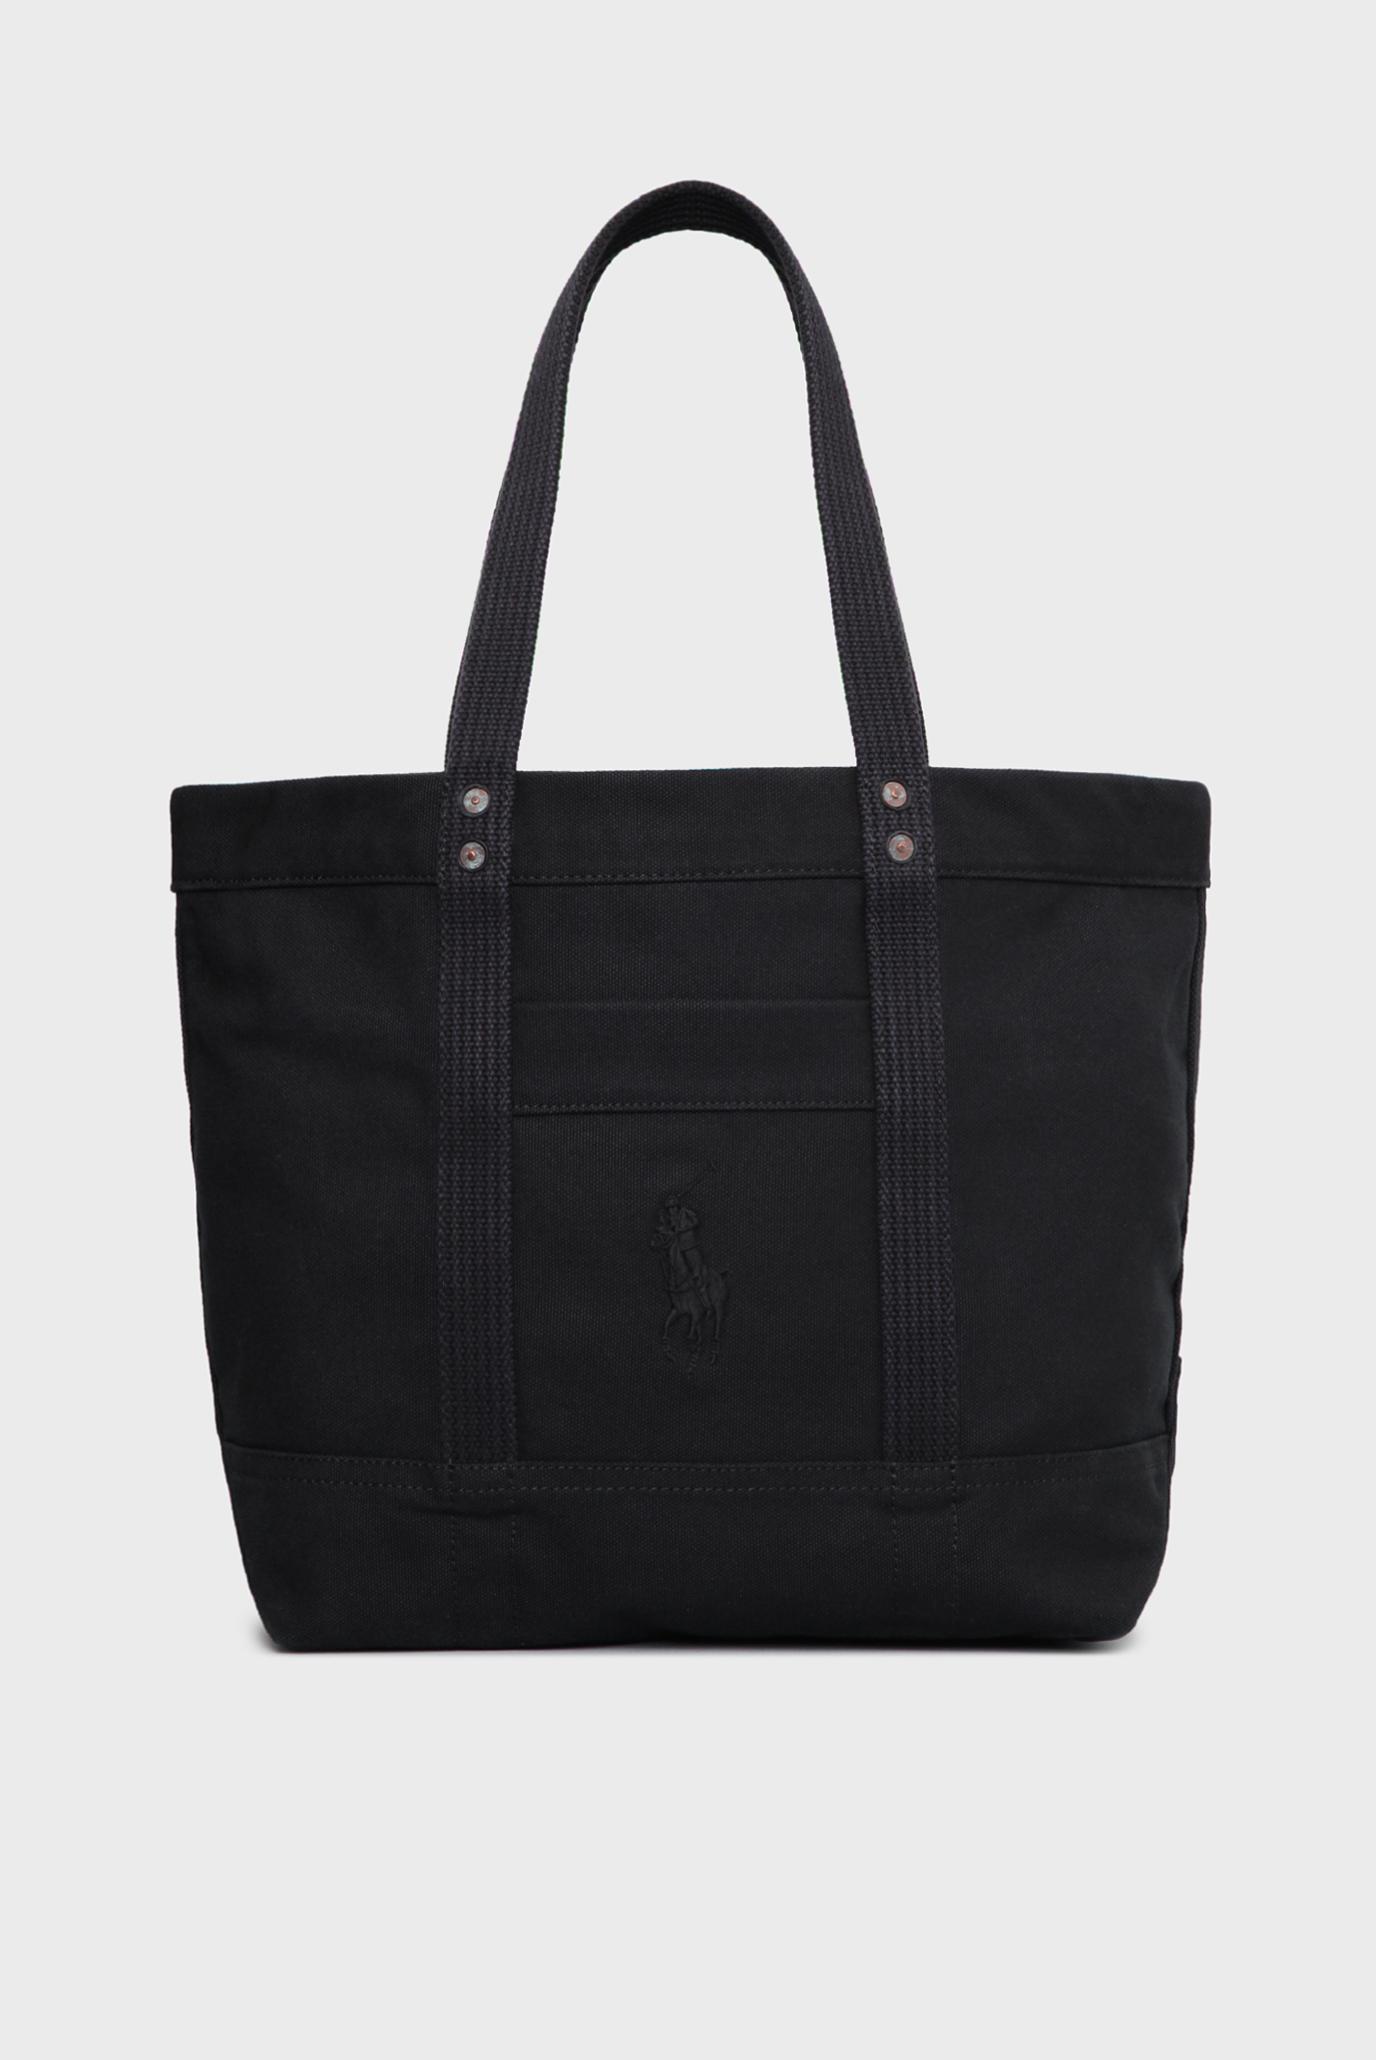 35b9aa2d8cc0 Купить Женская черная сумка на плечо Polo Ralph Lauren Polo Ralph Lauren  V92IH025BH117 – Киев, Украина. Цены ...